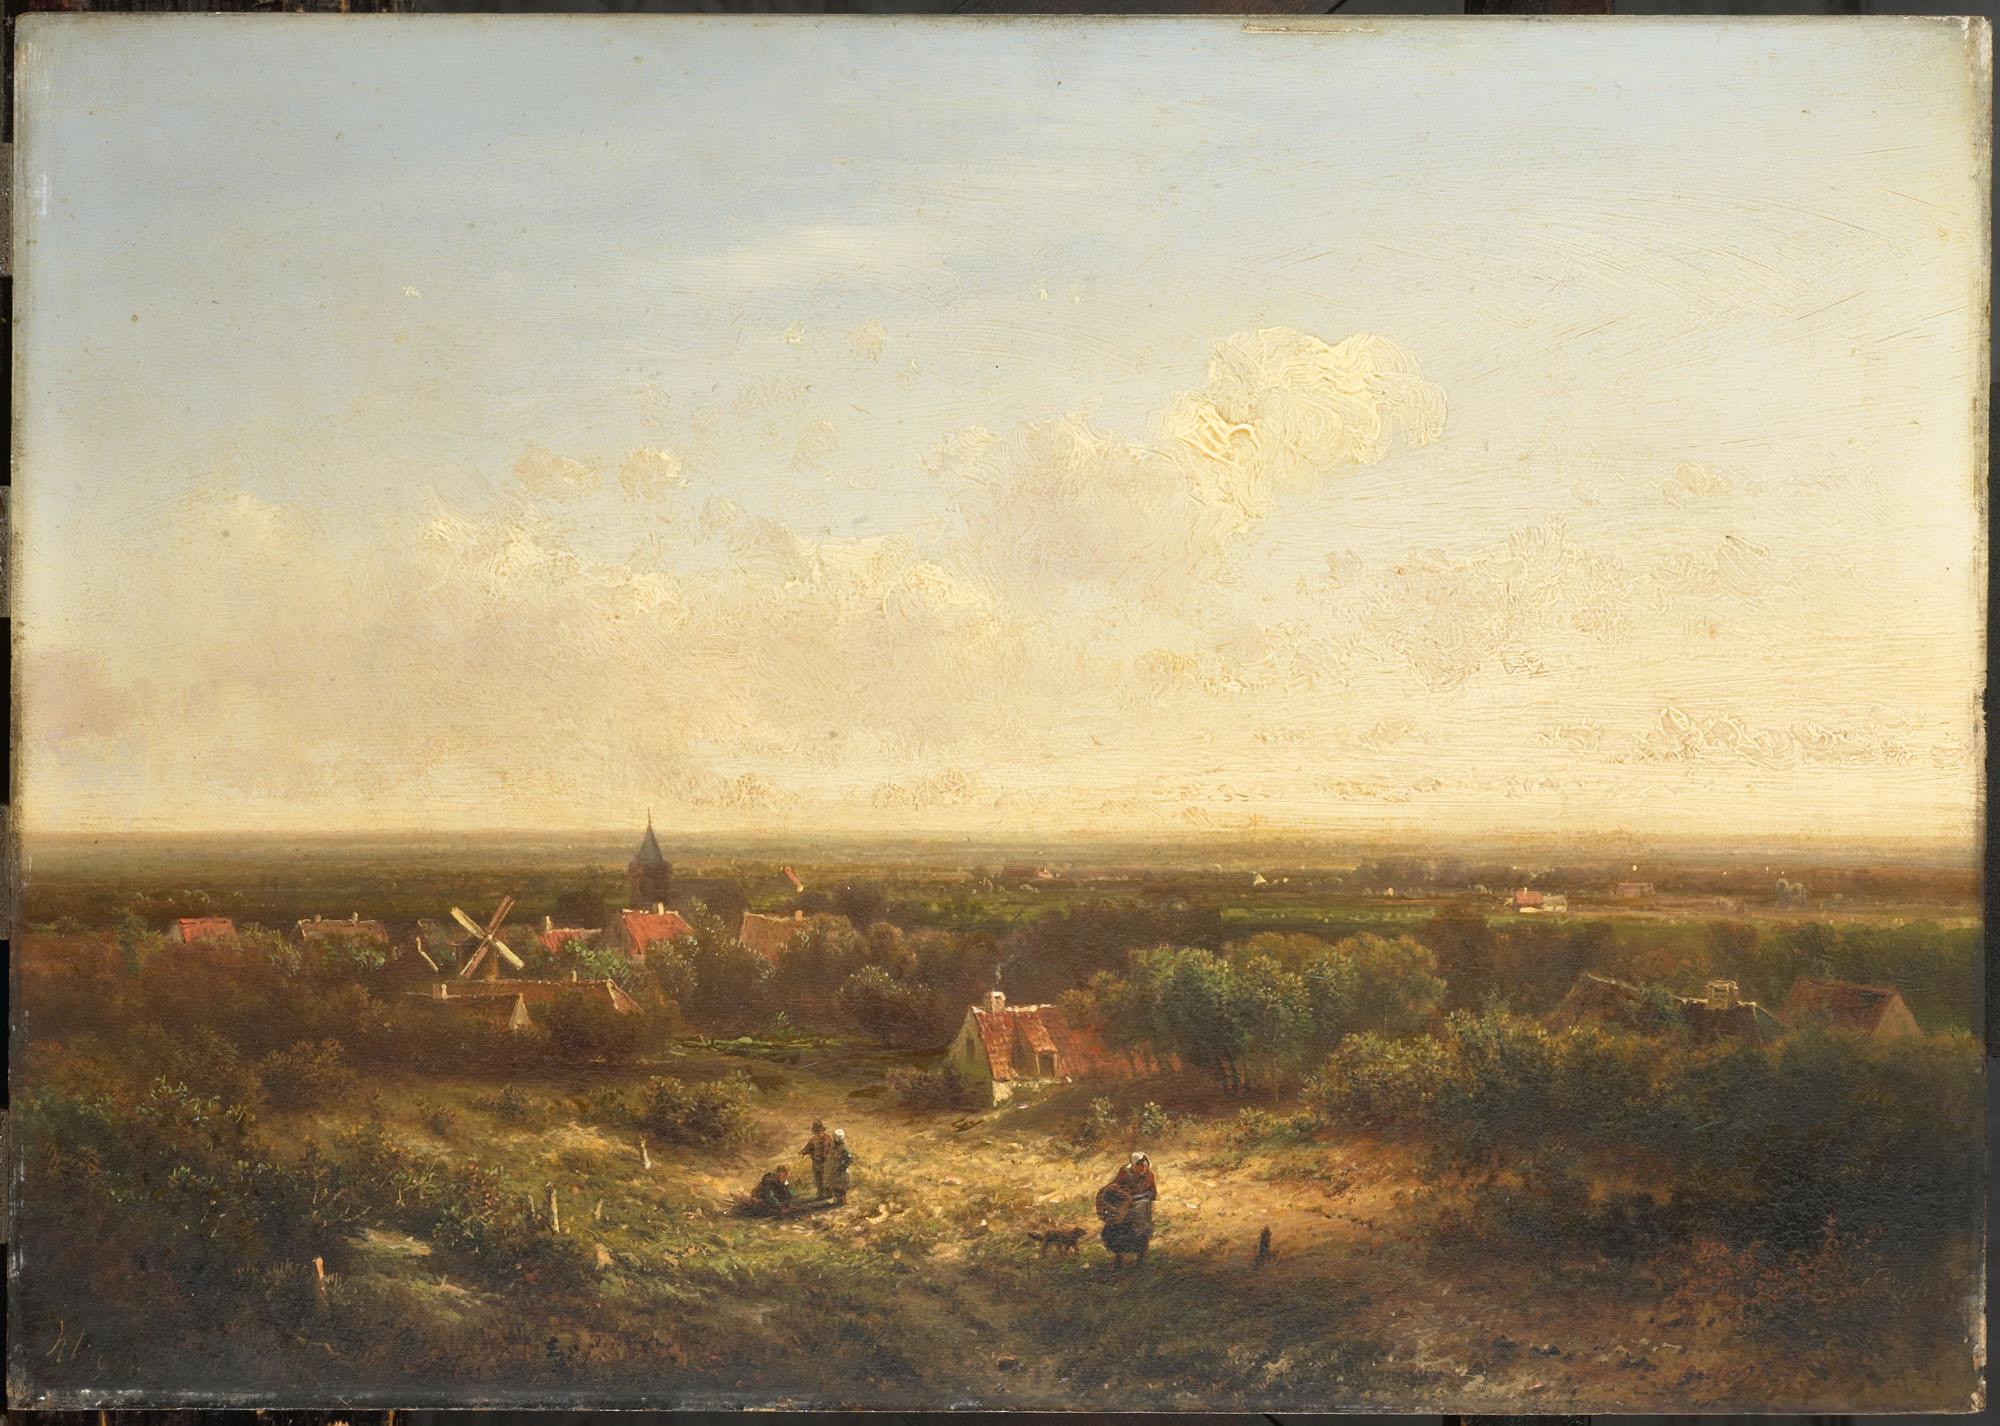 Landschap met dorpje en windmolen geheugen van nederland - Klein kamermeisje ...